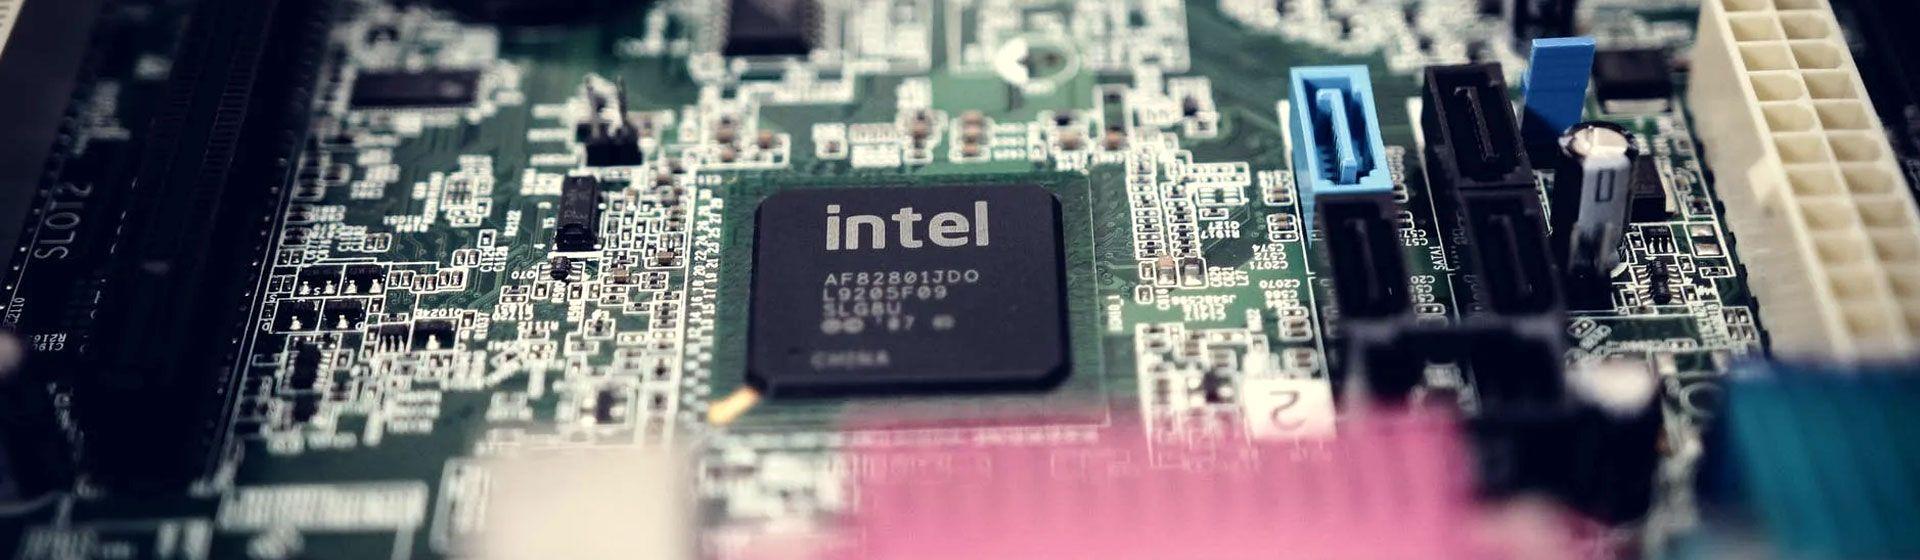 Intel UHD Graphics 630 é boa? Tudo sobre a placa de vídeo integrada